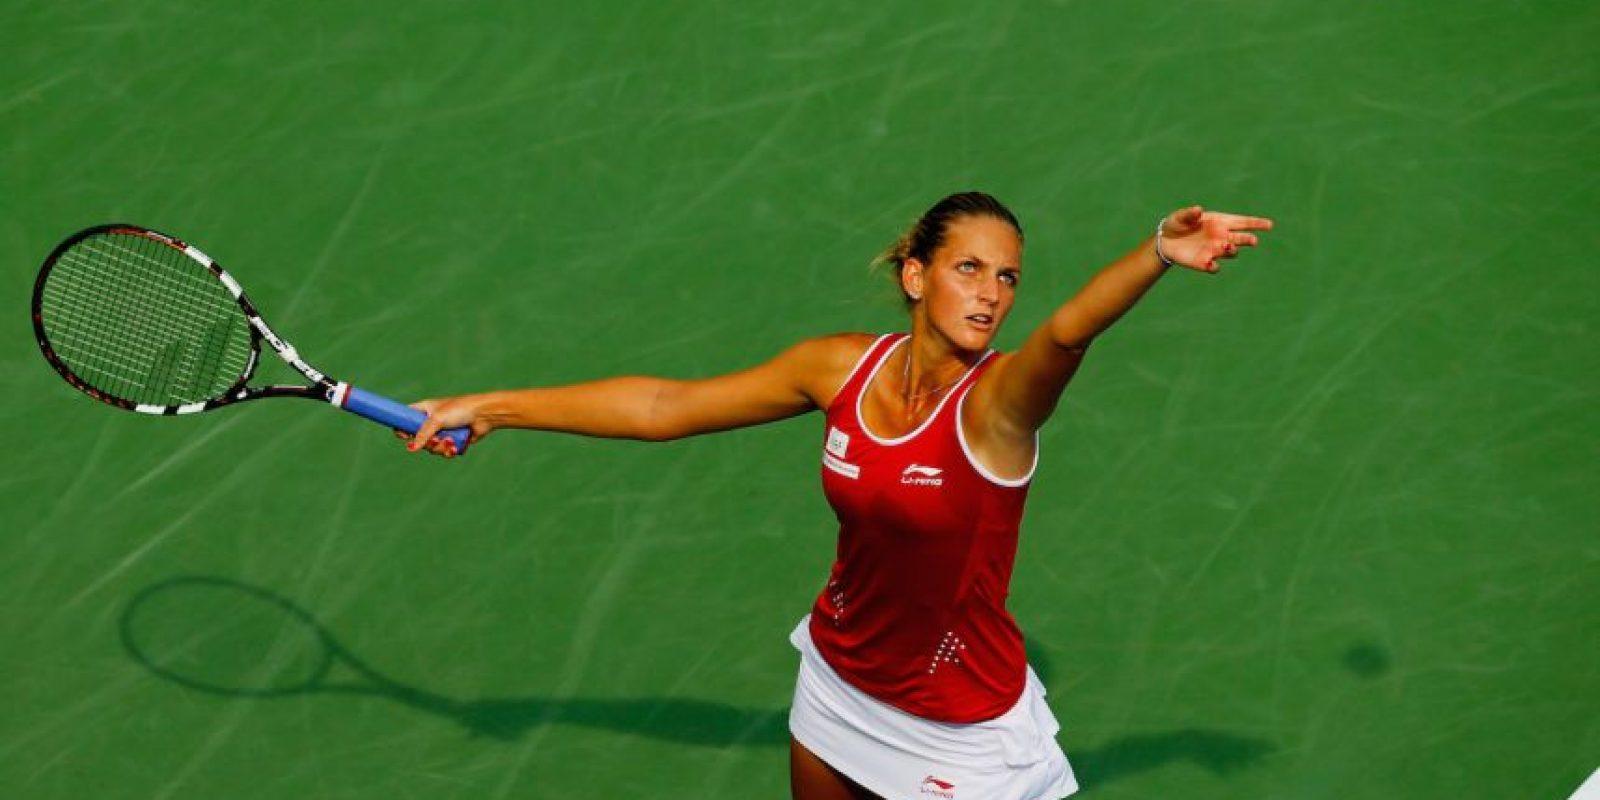 Se fue en la primera ronda, tras ser derrotada por la estadounidense Anna Tatishvilli, 121 del ranking WTA. Foto:Getty Images